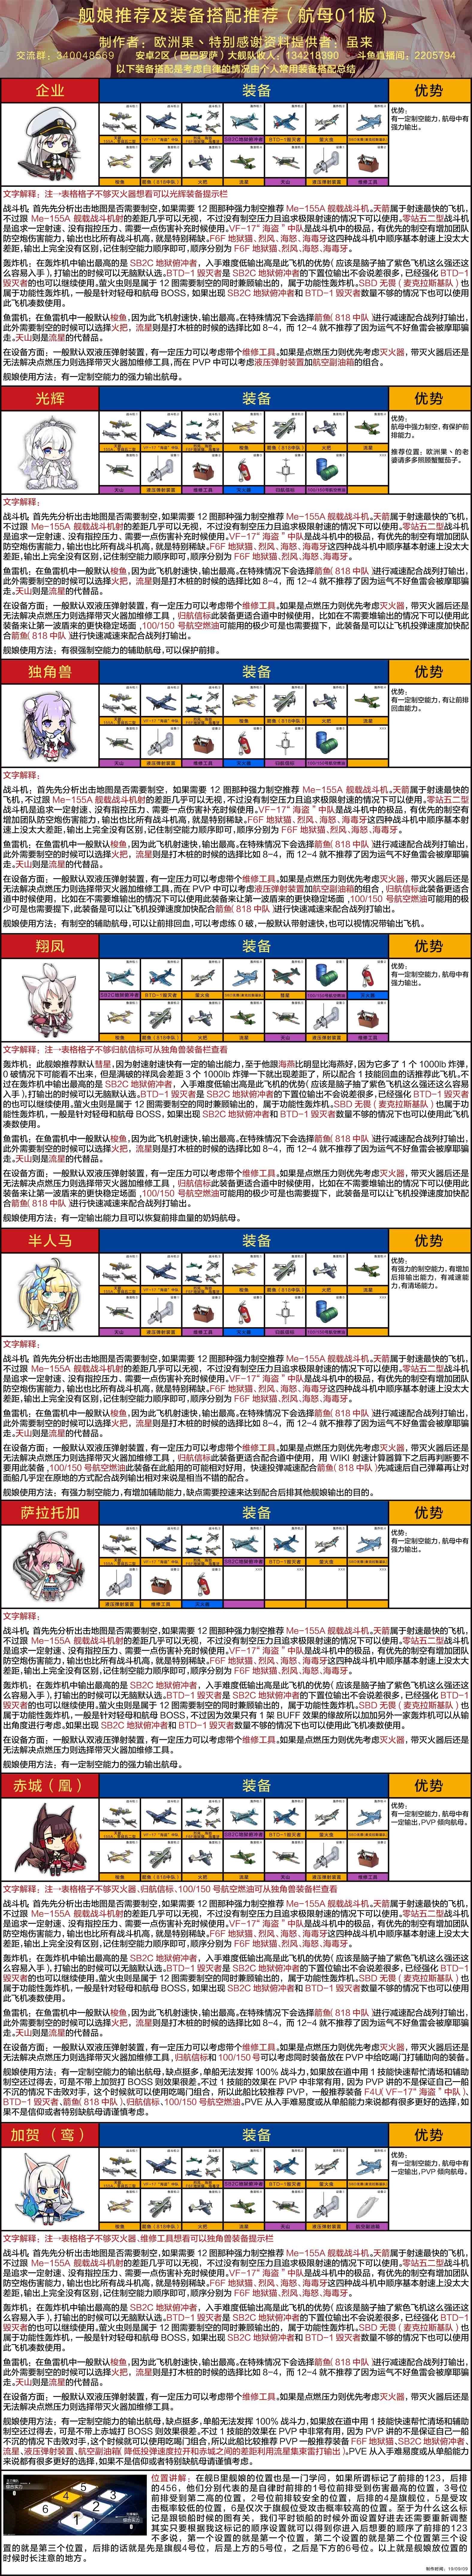 航母01版wiki.jpg